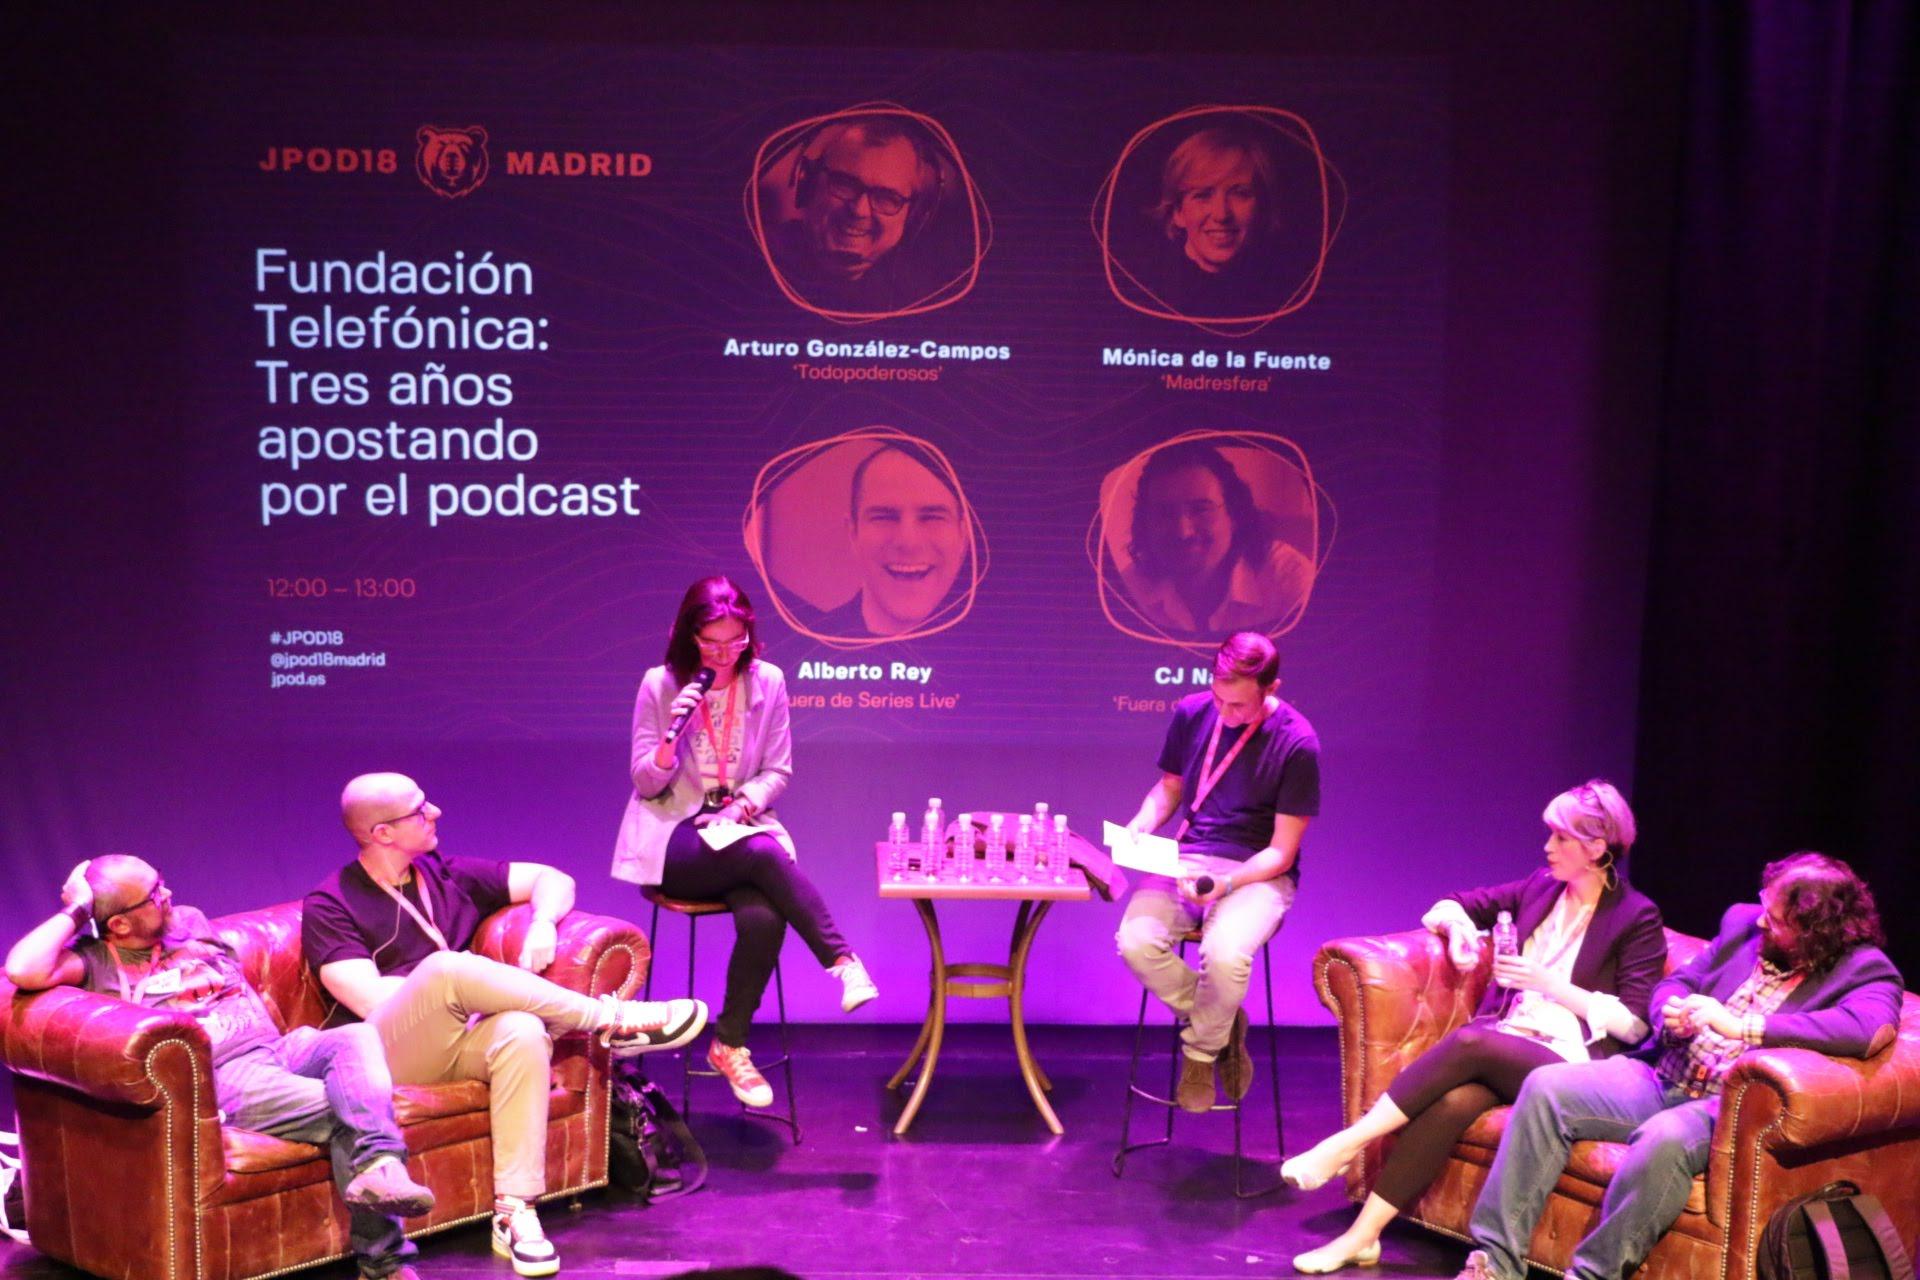 Foto: Patricia Torres - Fundación Telefónica y sus tres años apostando por el podcasting: Todopoderosos, Espacio Madresfera y Fuera de Series Live